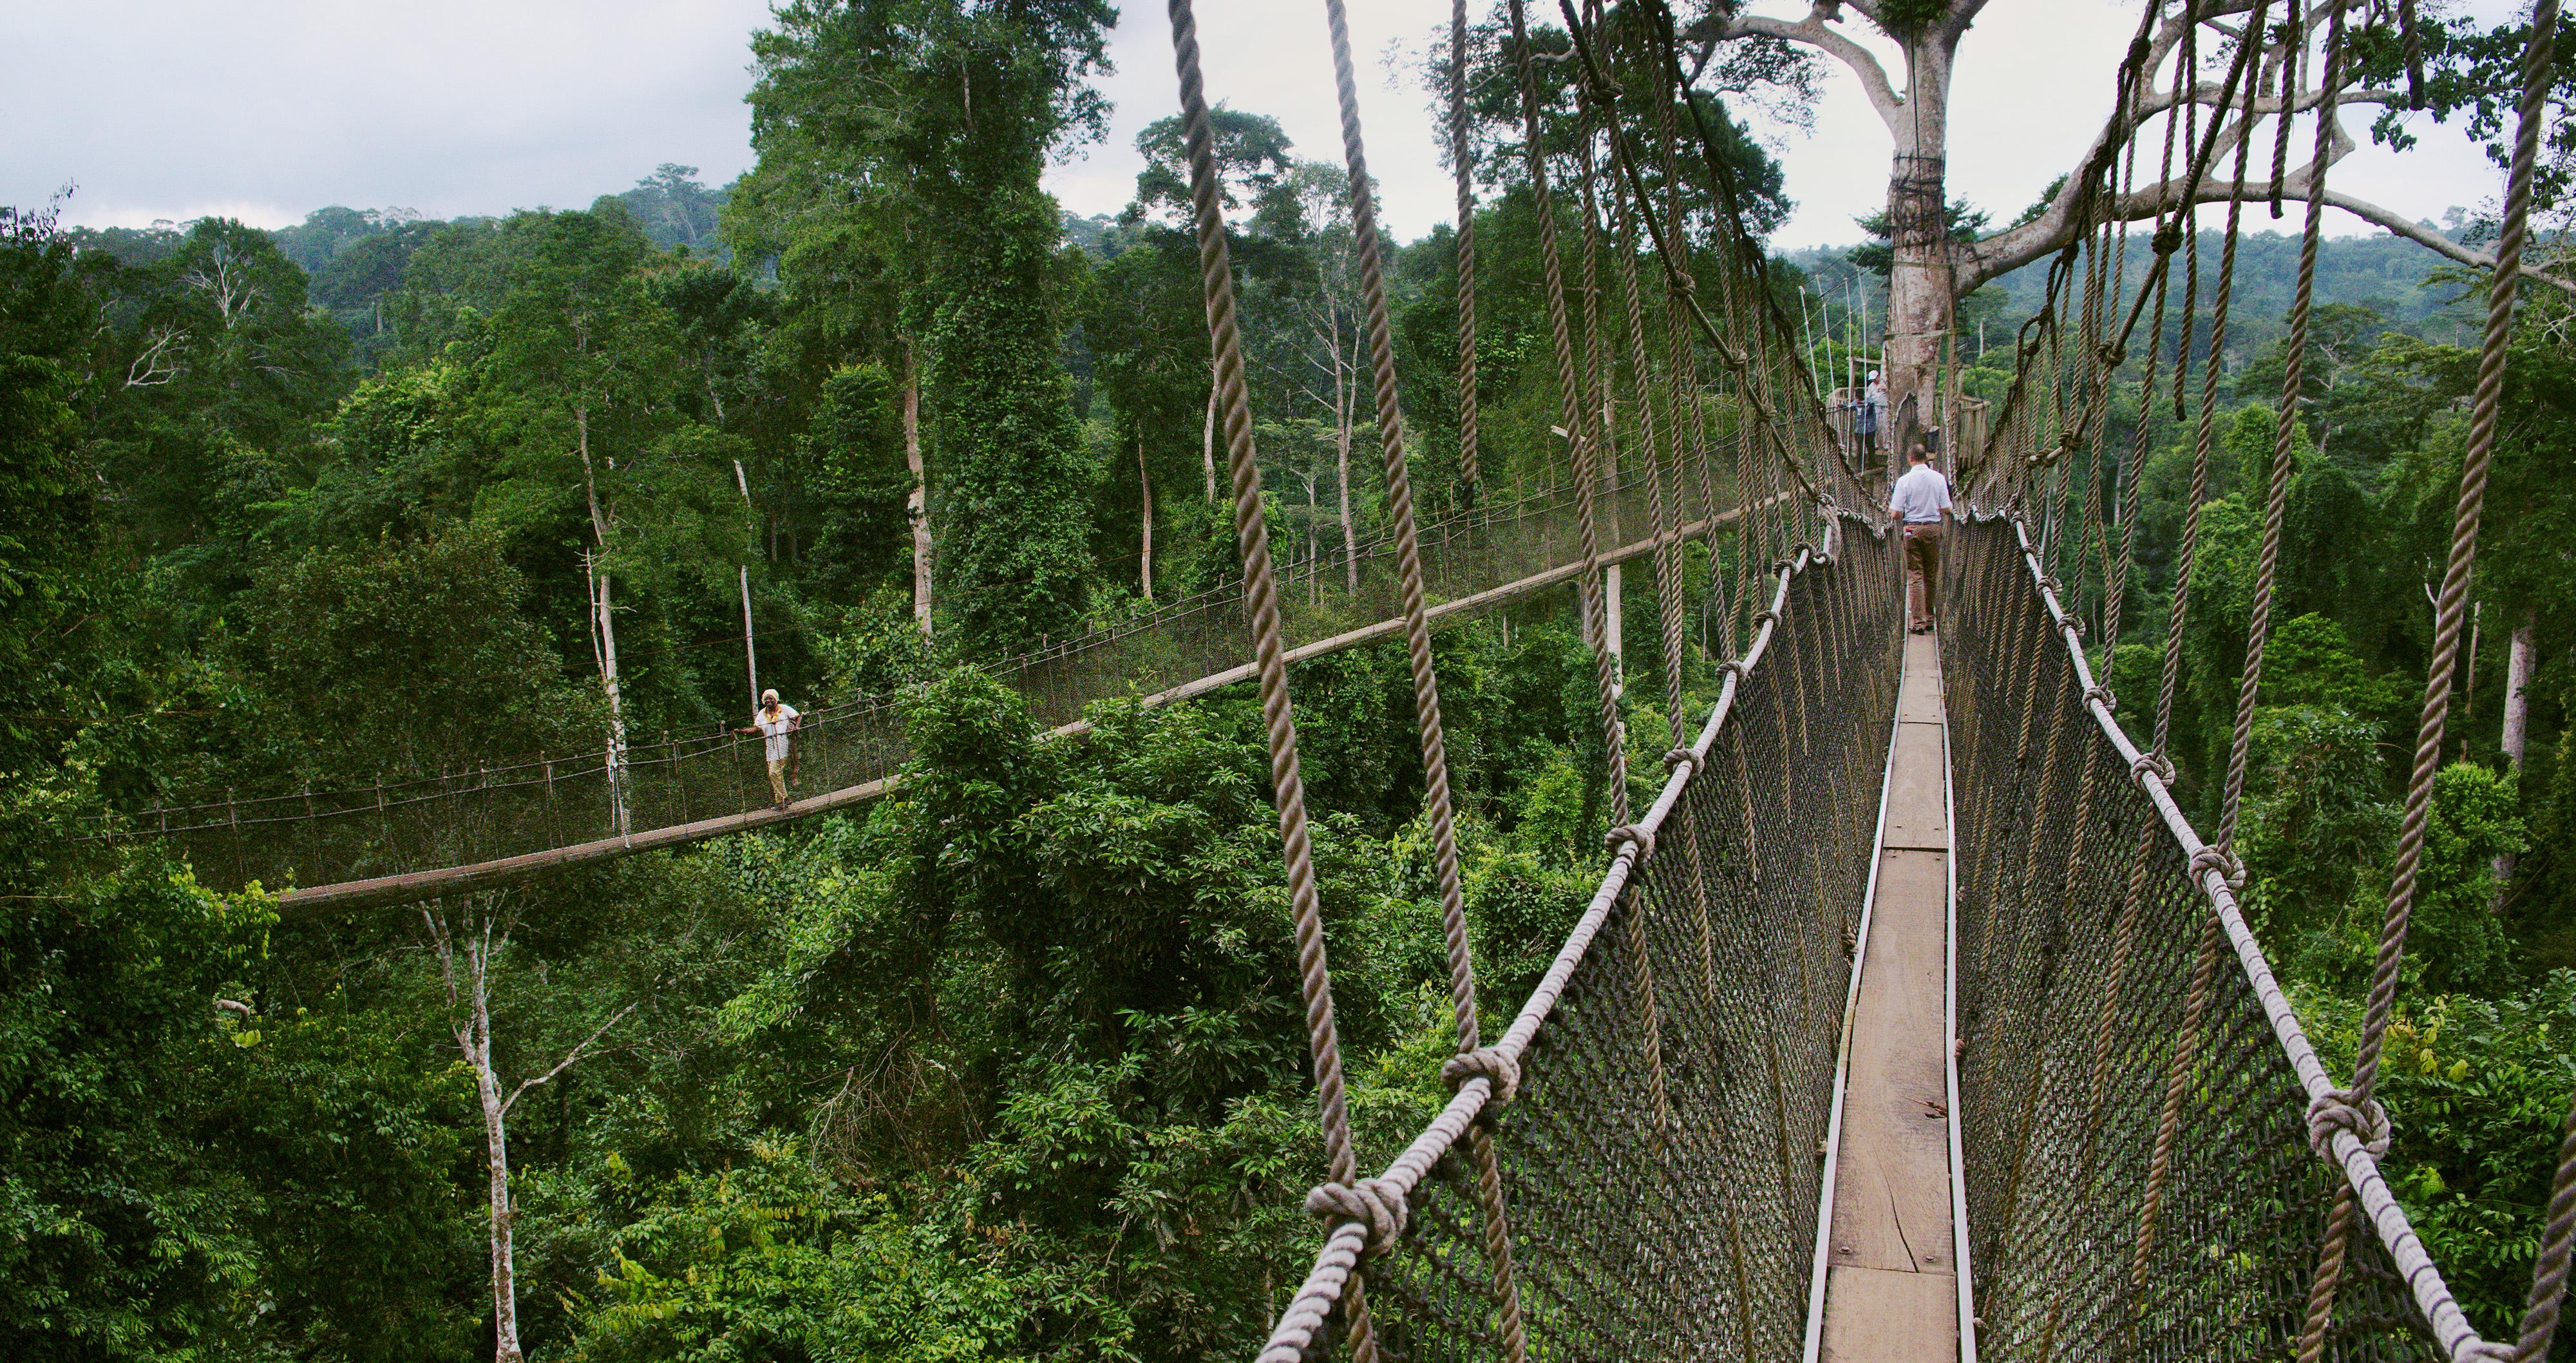 Kakum National Park's canopy walkway Ghana © Nancy Chuang, @nancyc_huang